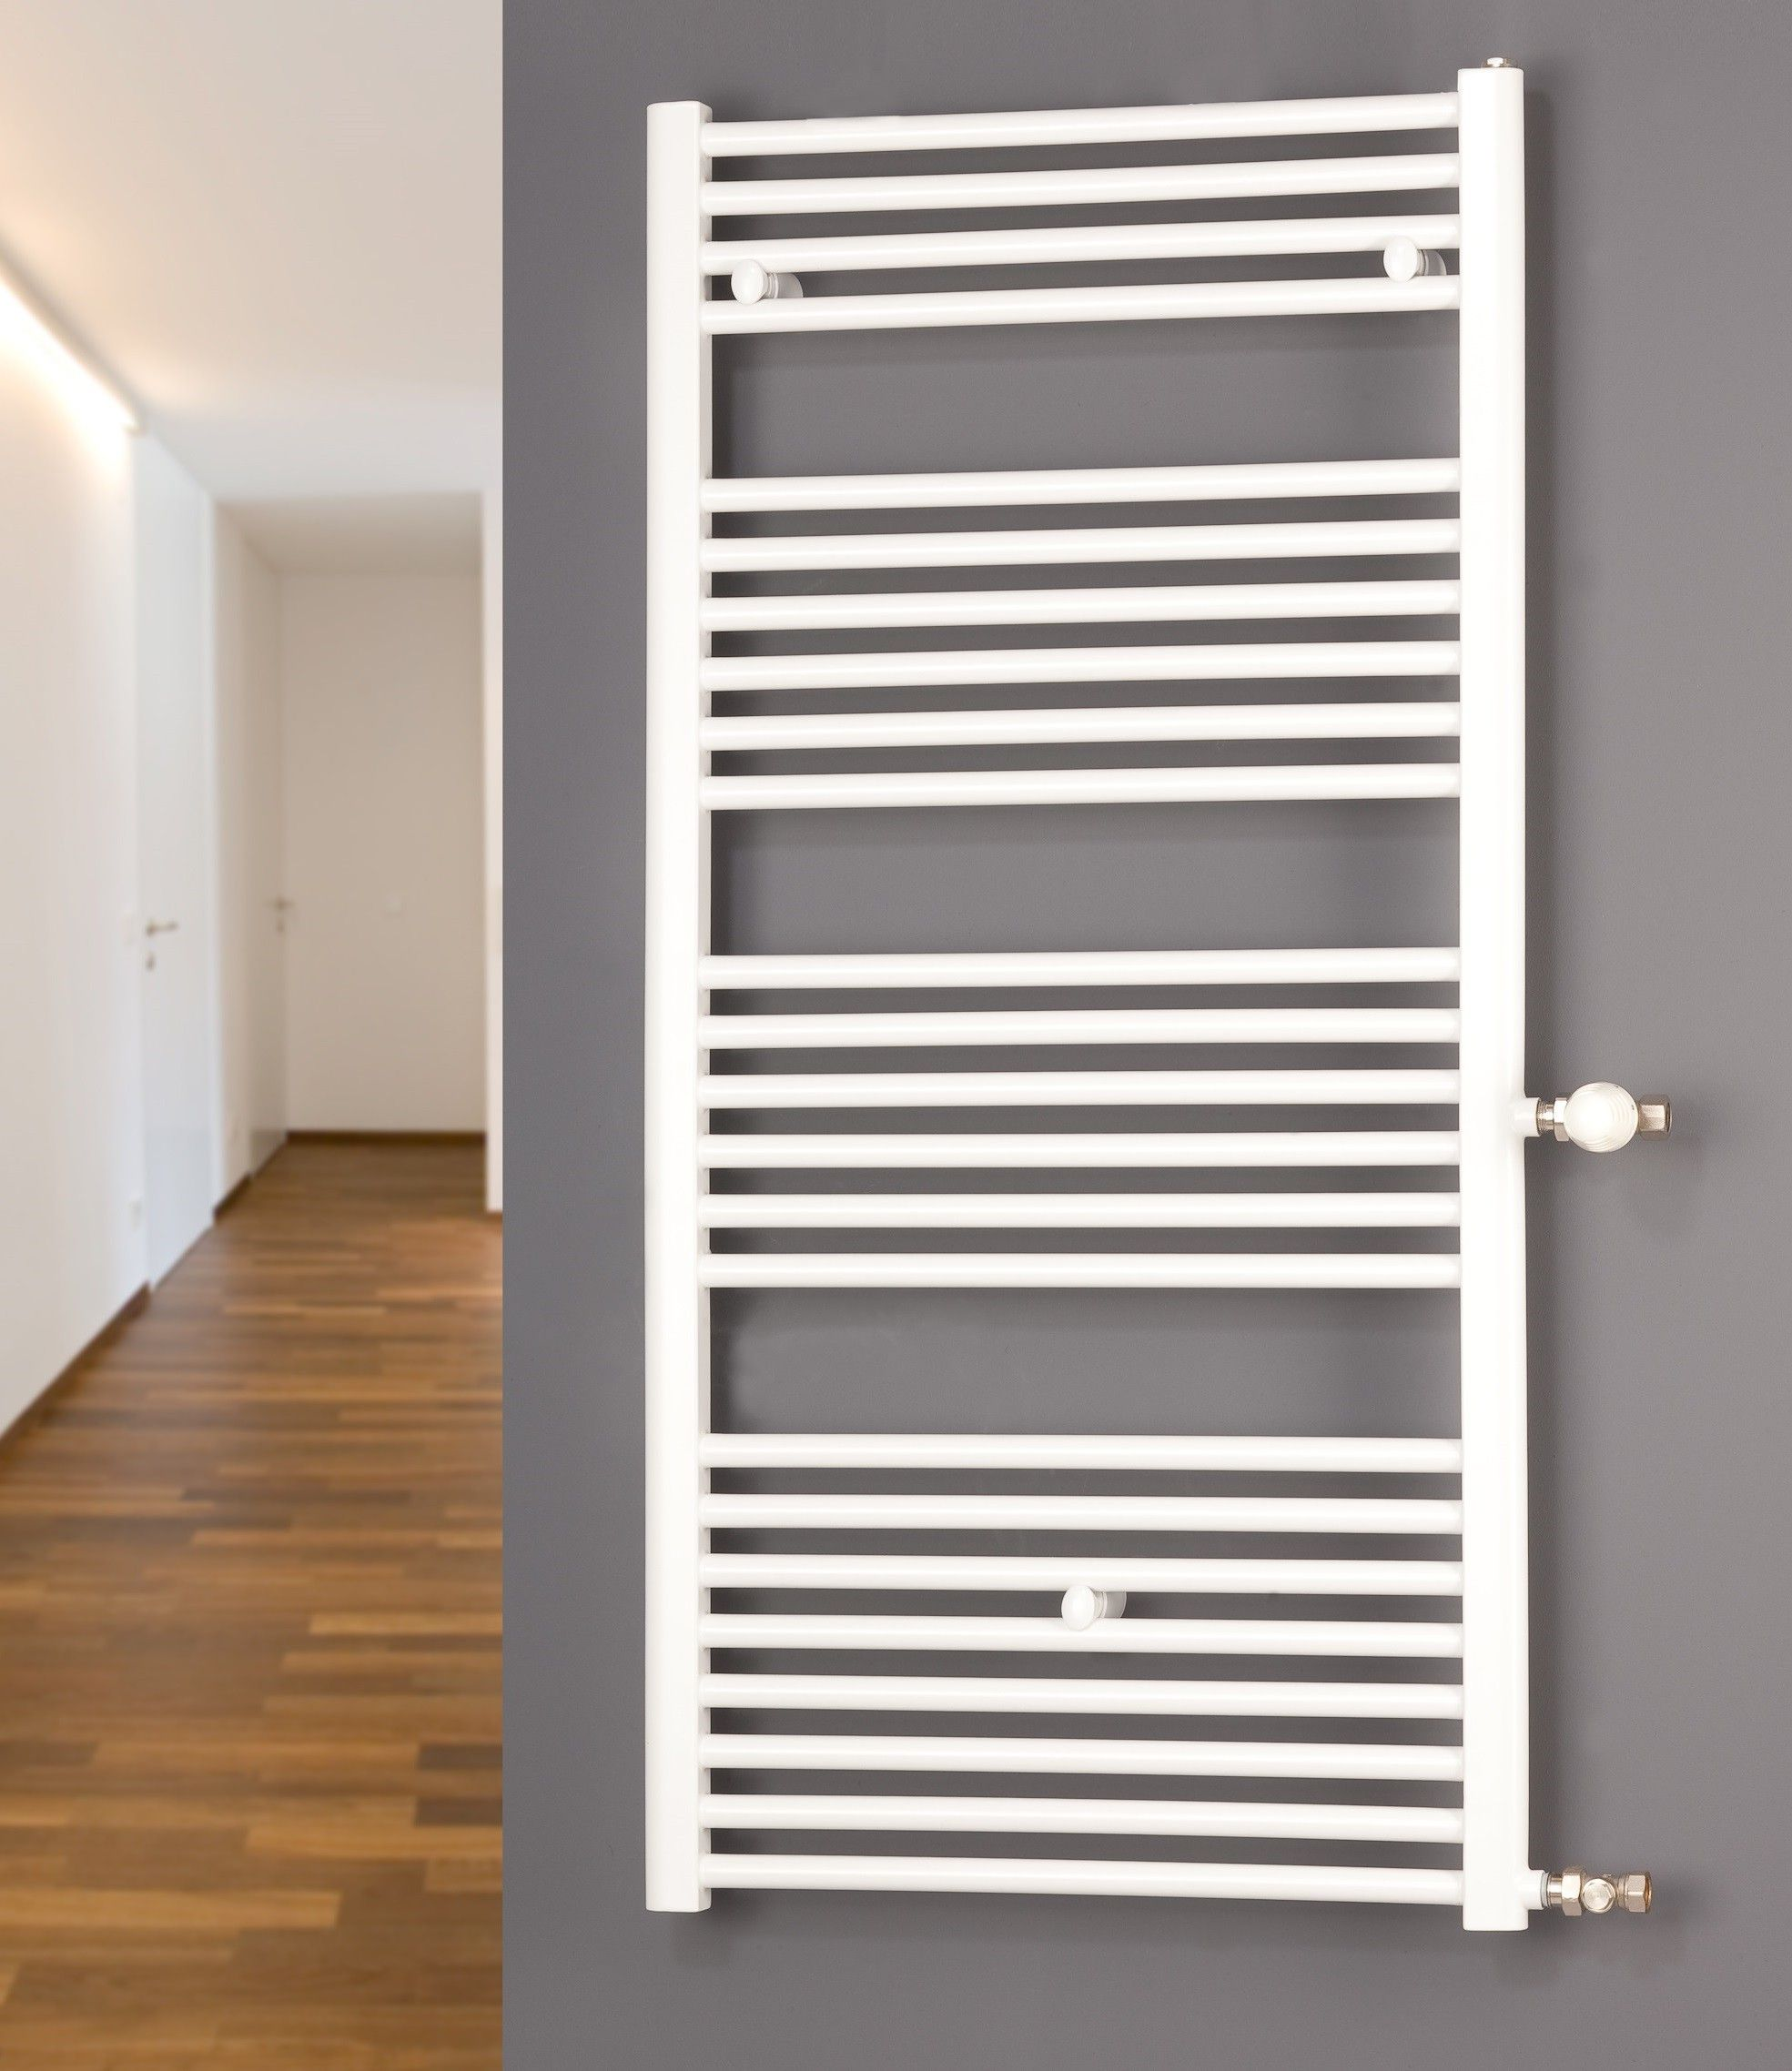 die besten 25 elektroheizung ideen auf pinterest strom heizung photovoltaik energie und. Black Bedroom Furniture Sets. Home Design Ideas